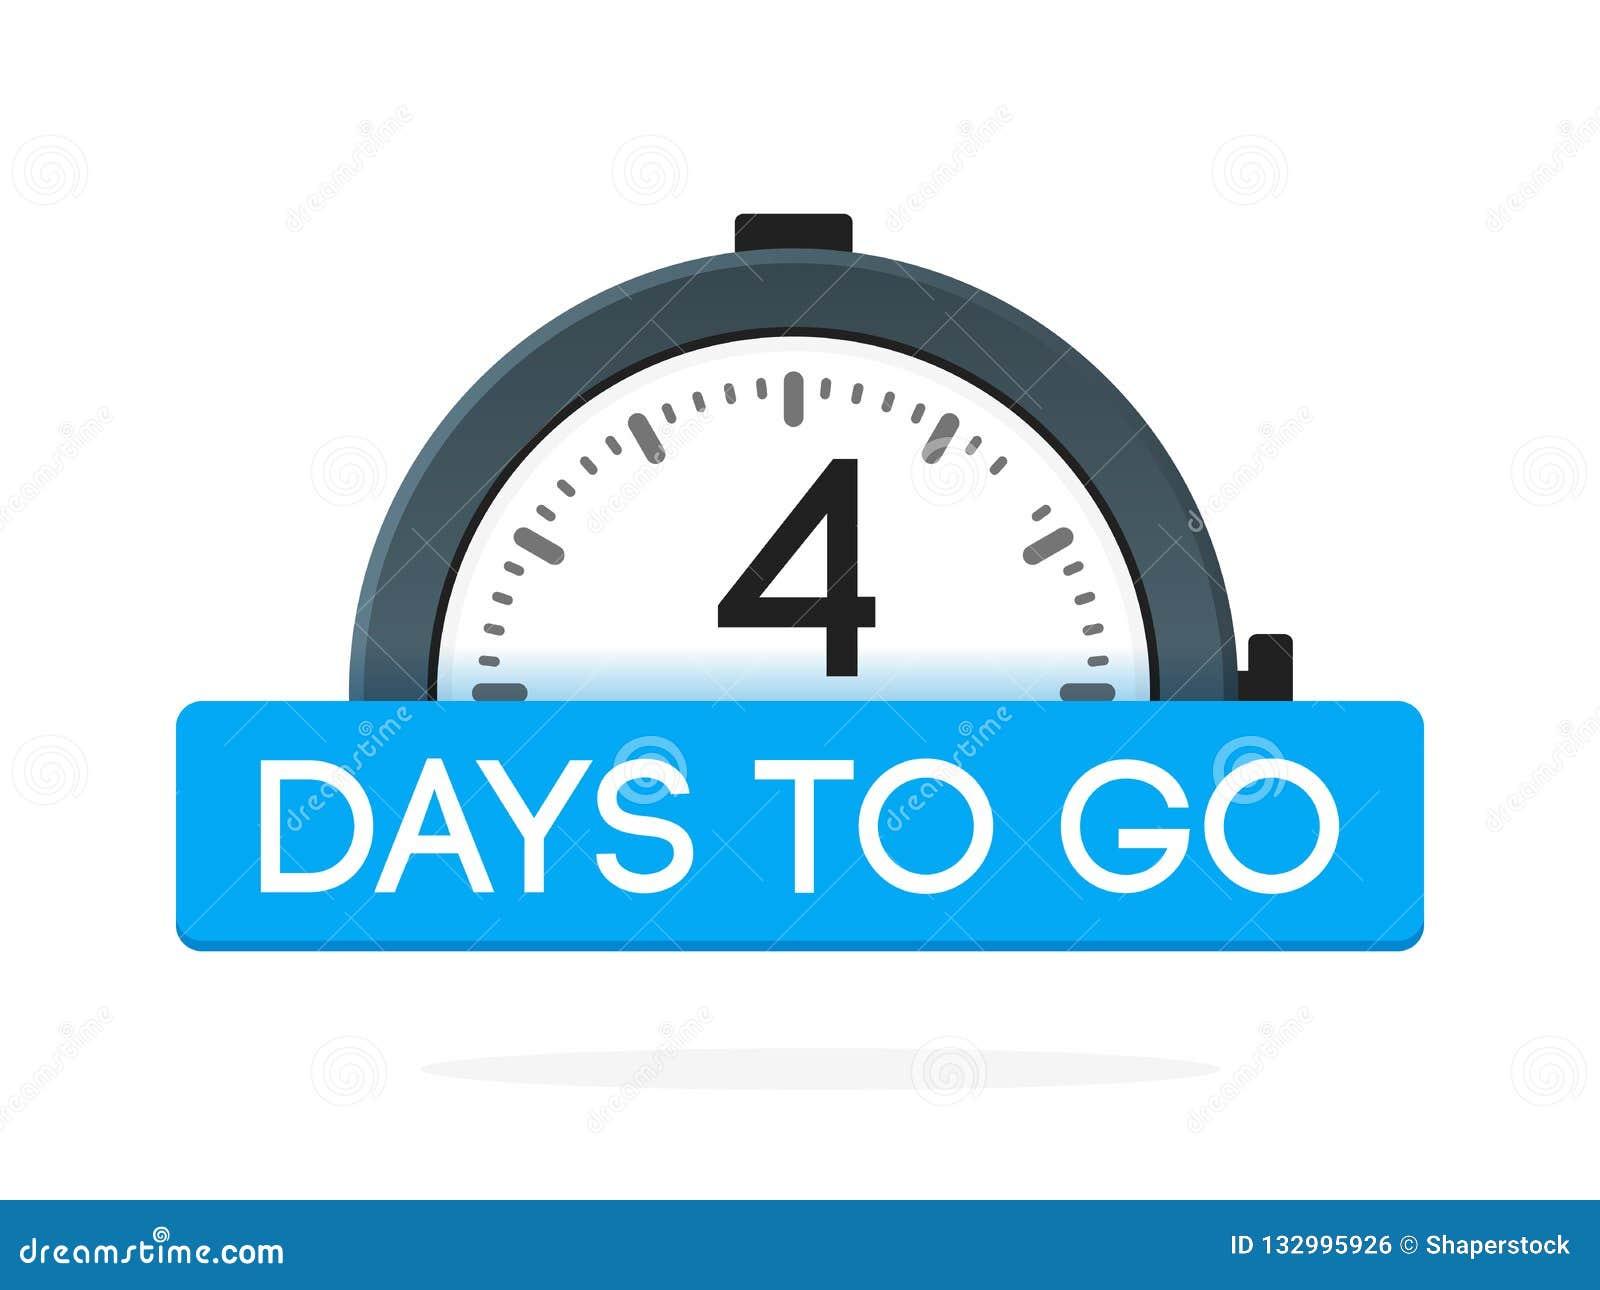 De cuatro días para ir etiqueta, plano del despertador con la cinta azul, icono de la promoción, el mejor illustretion del vector